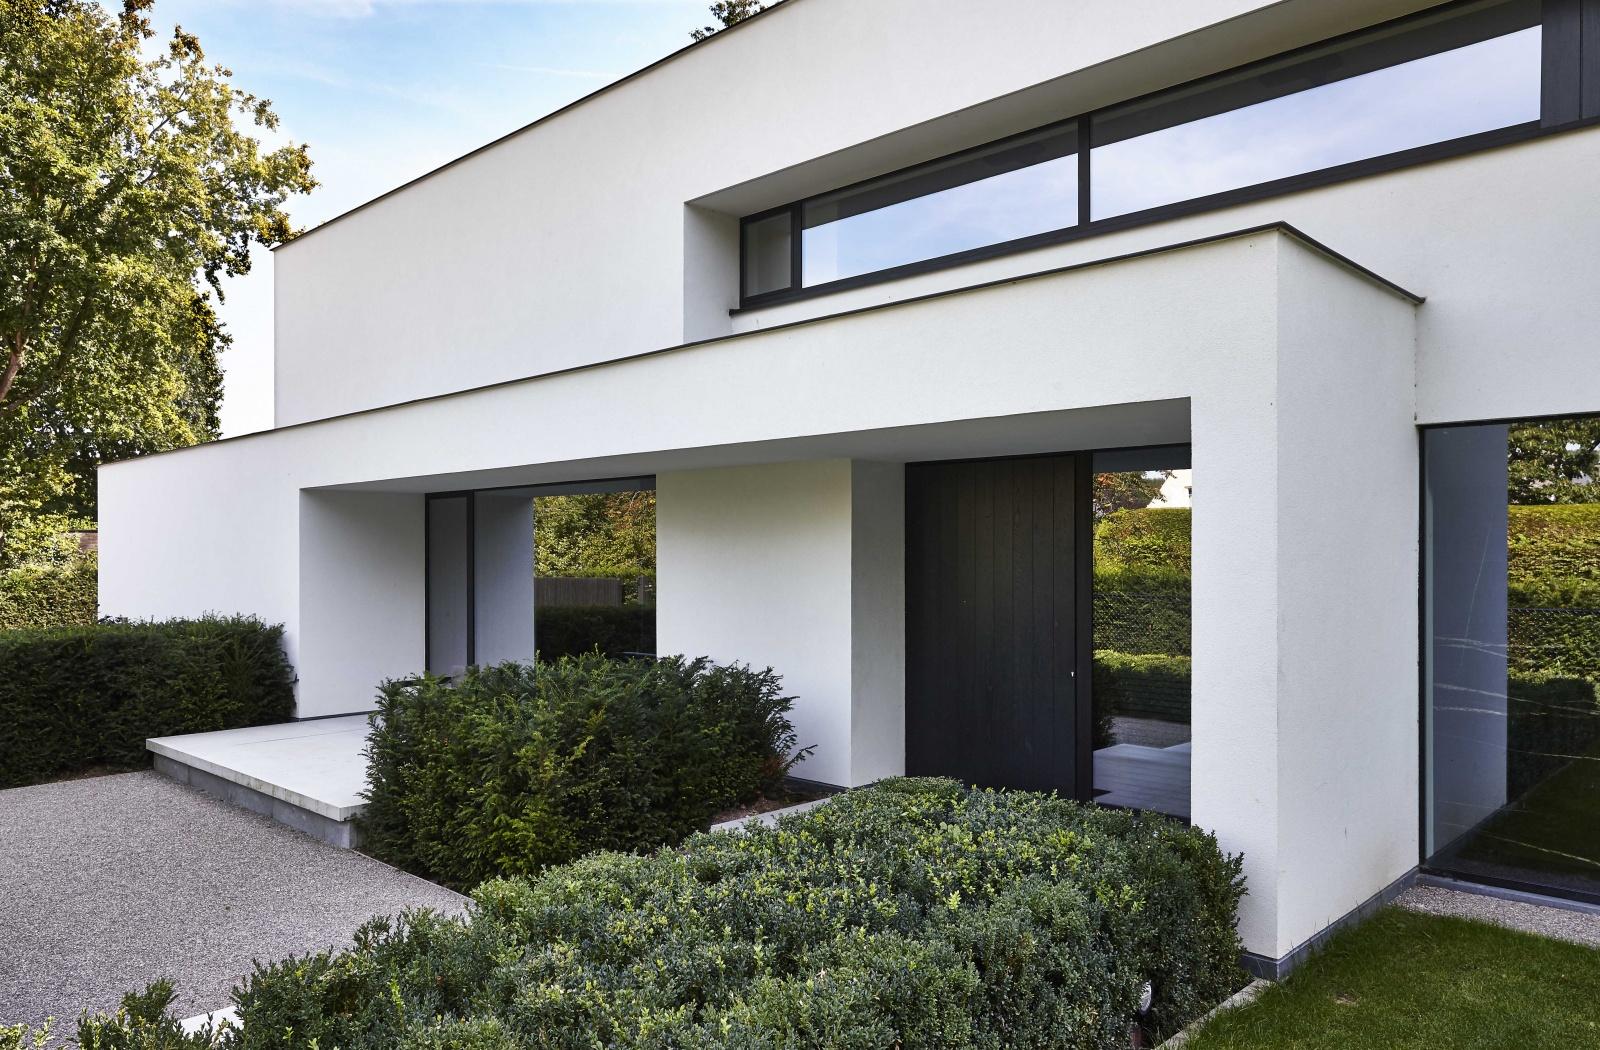 Villabouw dumobil tielt west vlaanderen for Moderne strakke huizen